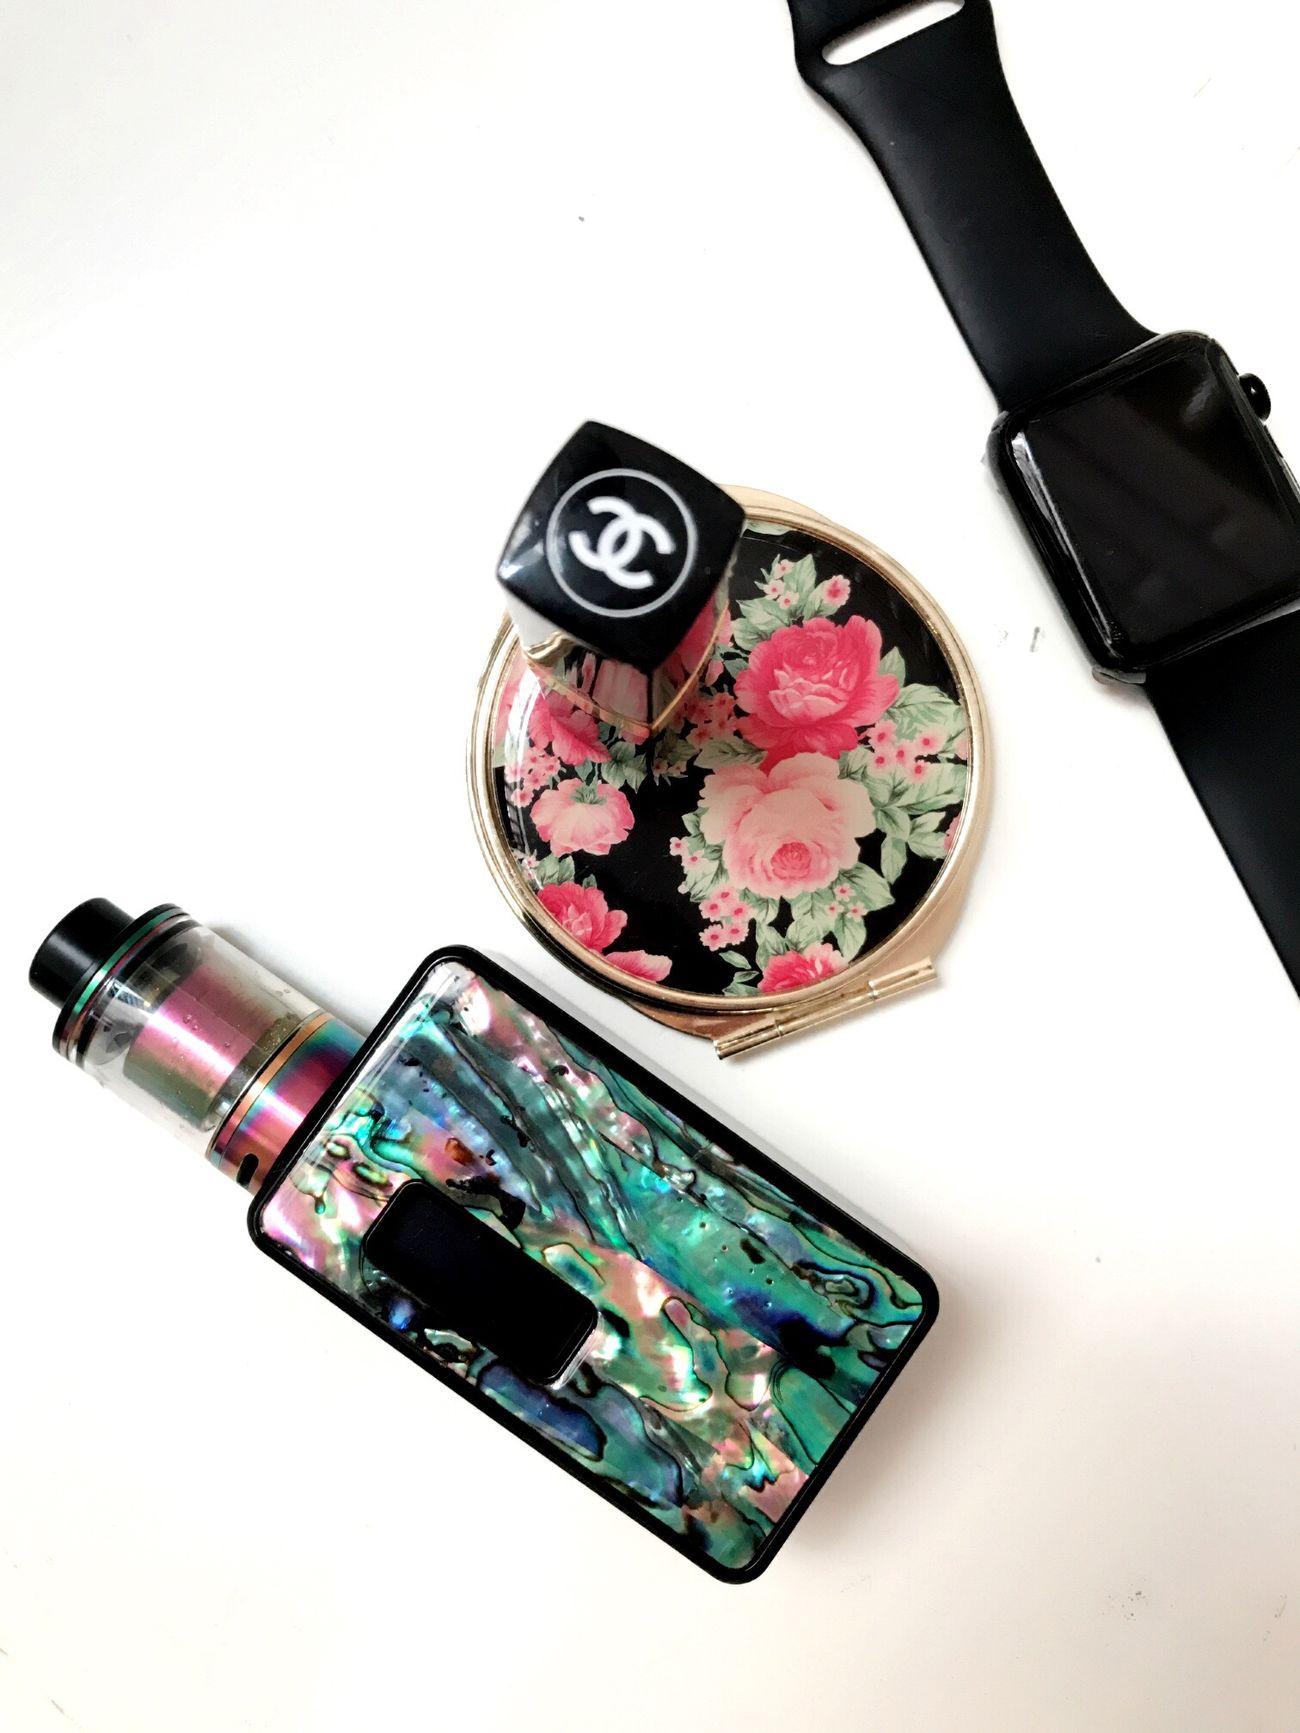 Dna60 White Background Close-up VapeLife Rainbow🌈 Rda Vaporizer  Mod Style Vapeon Vapedaily Friday Setups Lovely Stuff Abalone Epetite